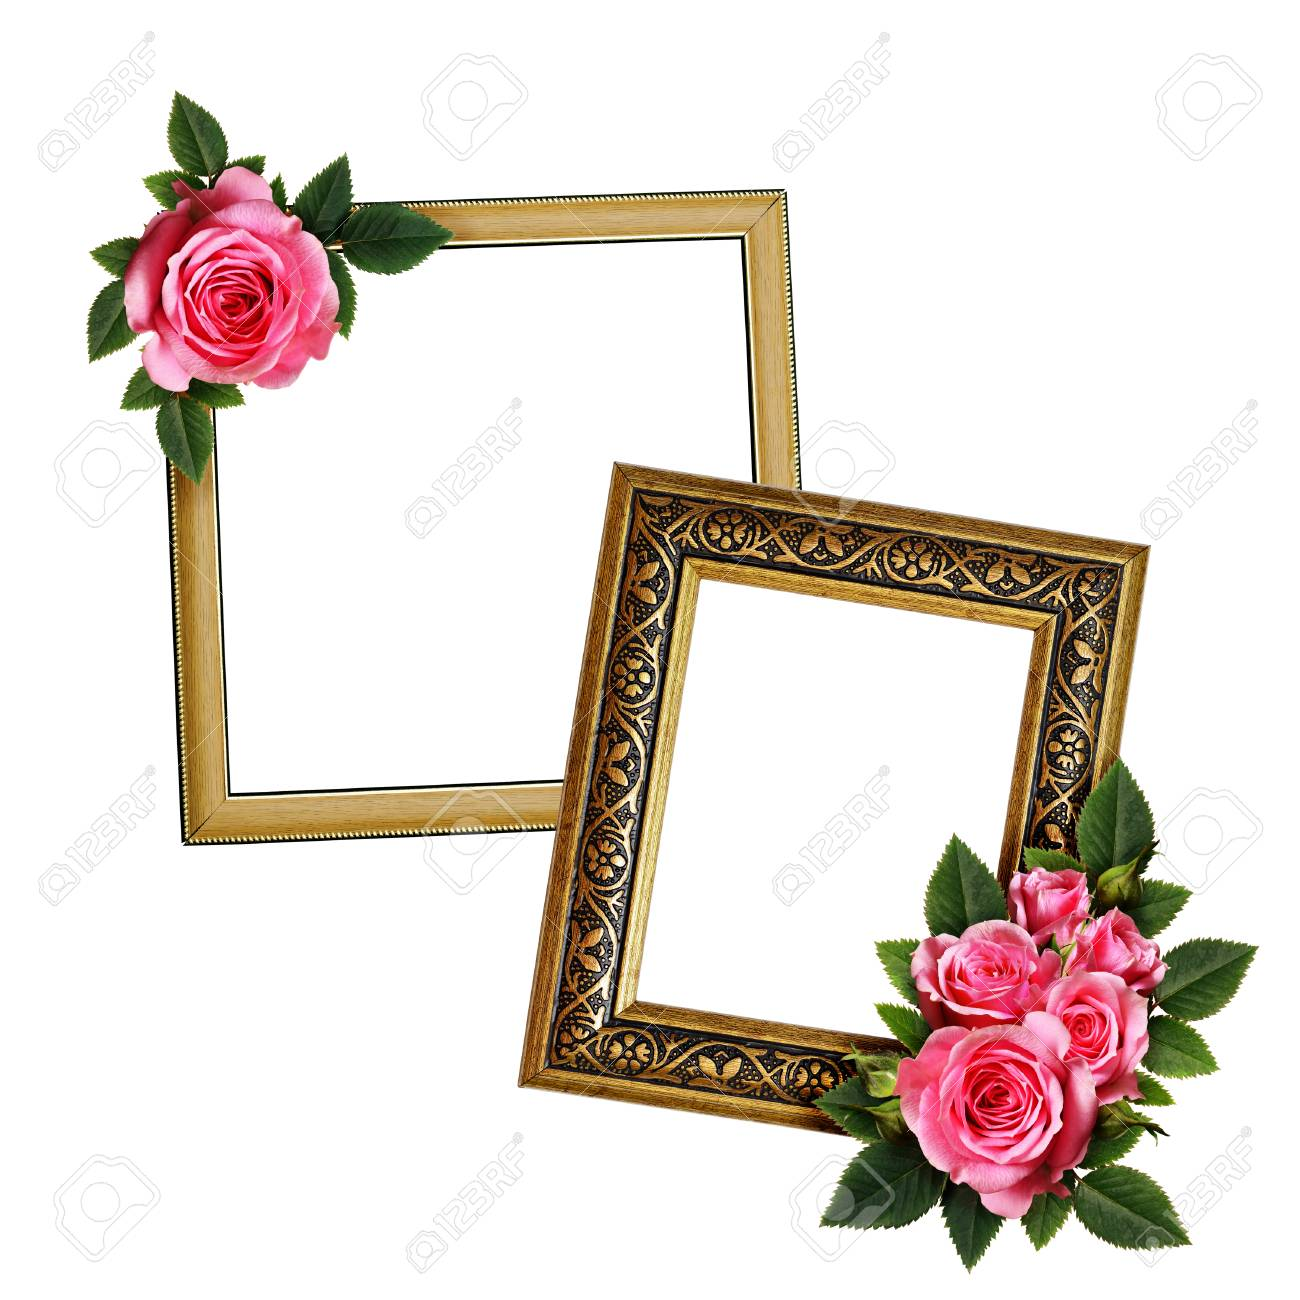 Rosa Rose Blumen Anordnung Auf Rahmen Für Foto Oder Text Isoliert ...